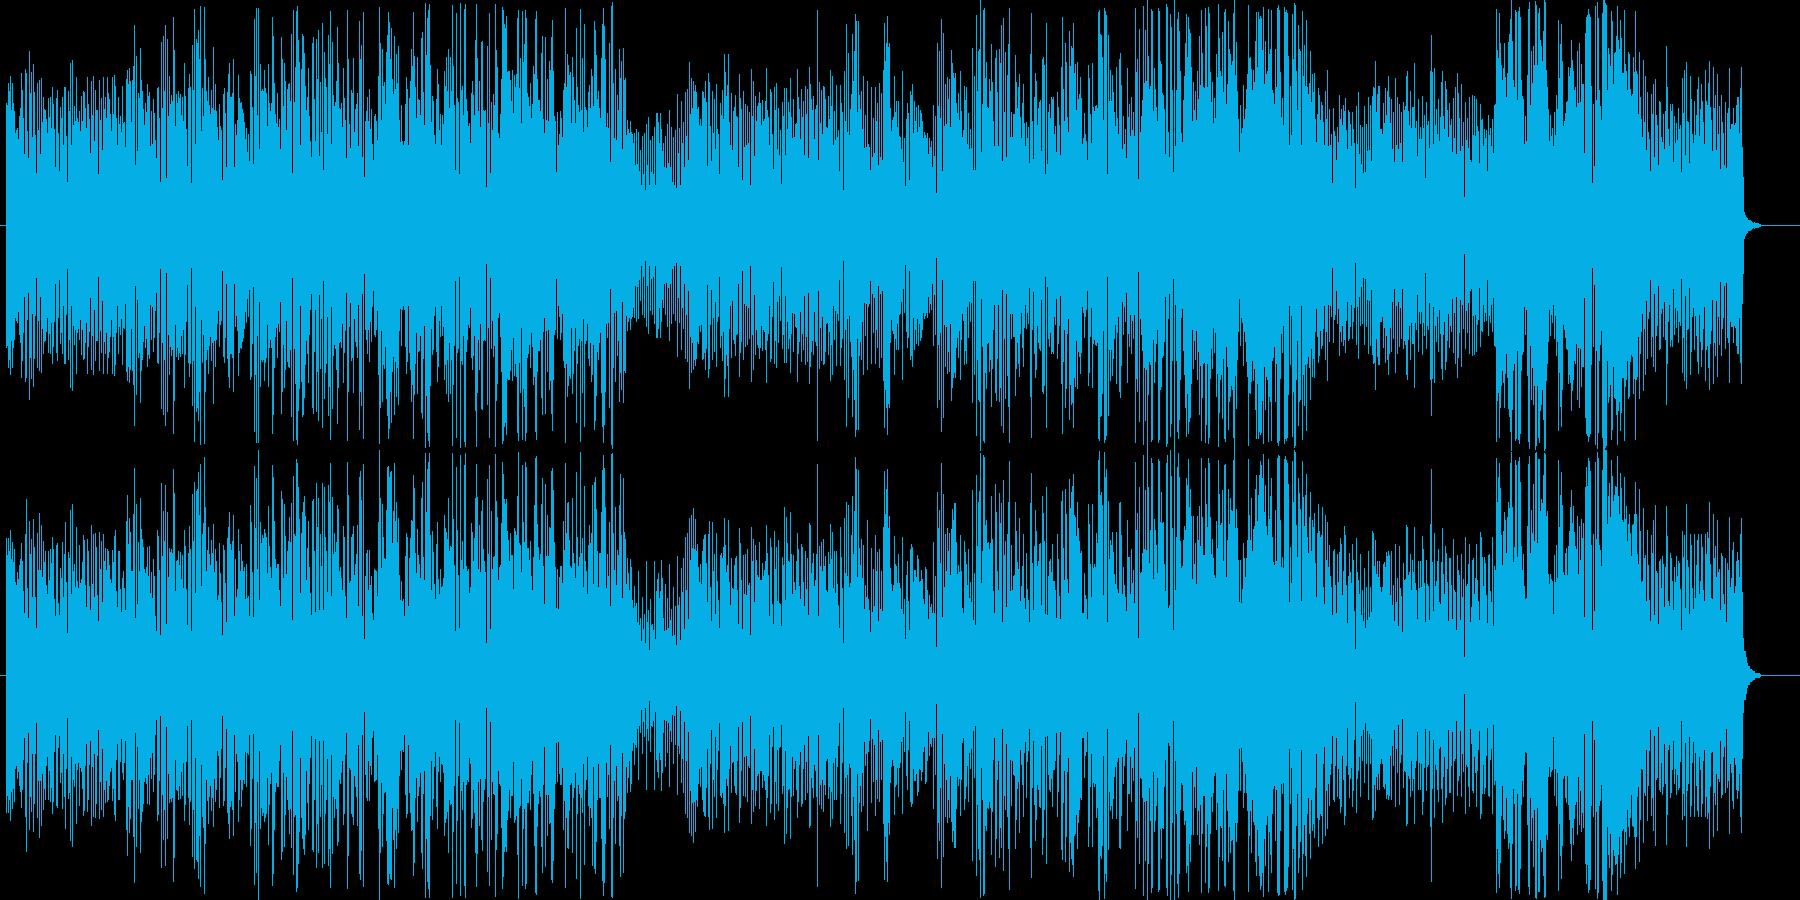 歌謡曲の面影を持つ中にも新しさを追求し…の再生済みの波形